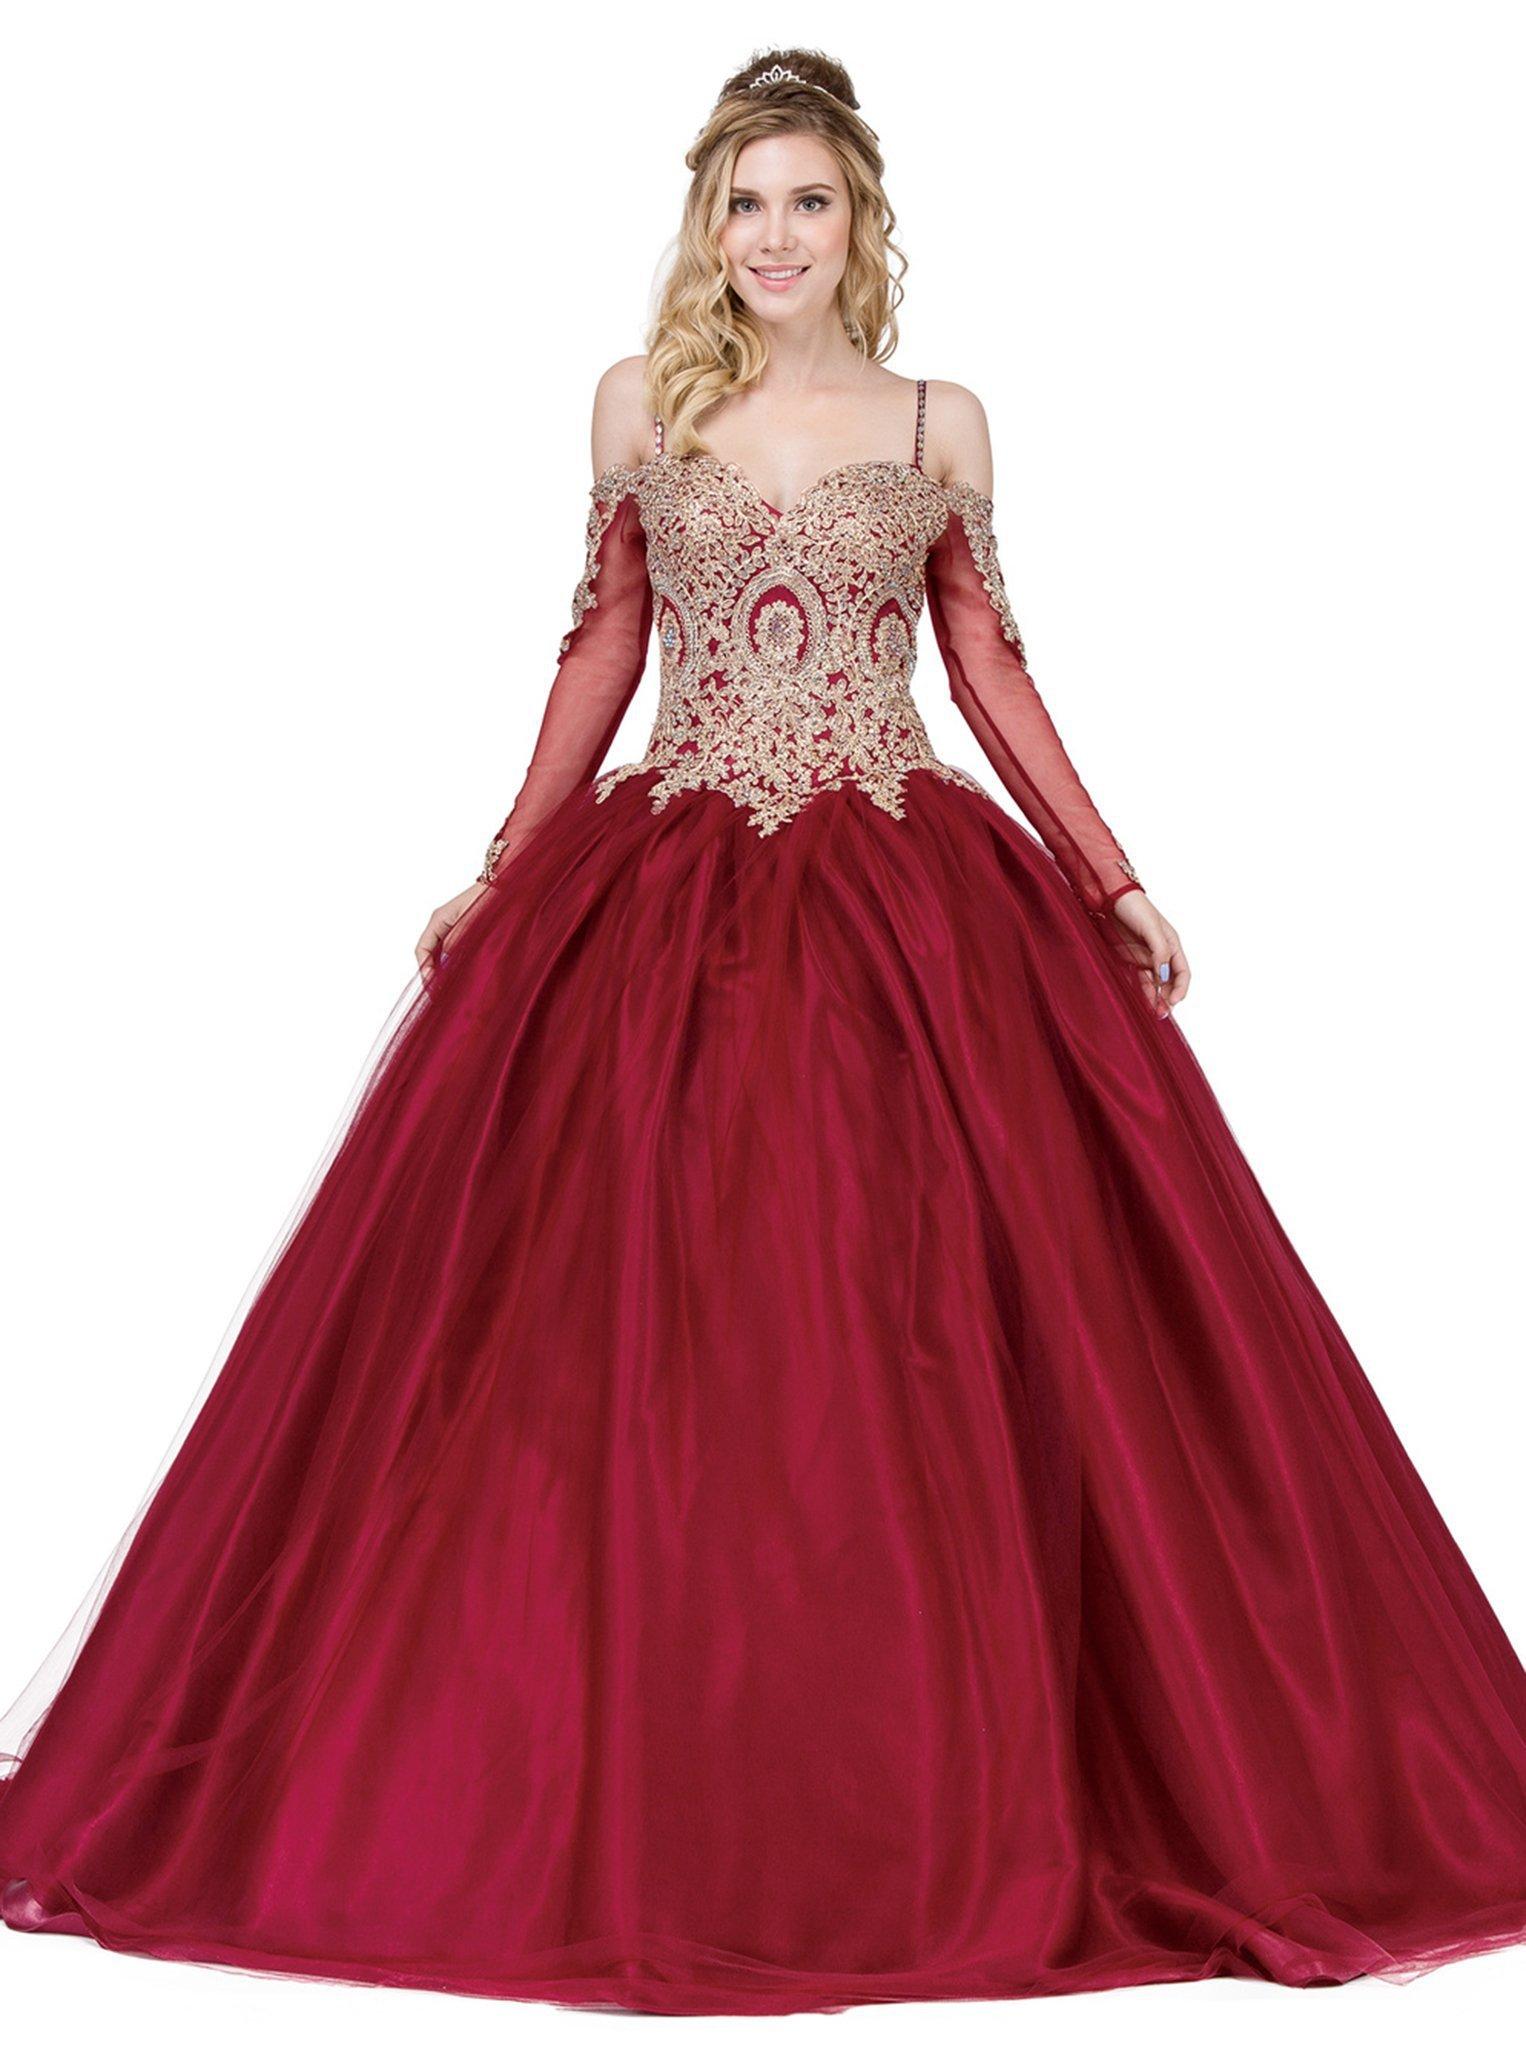 Dancing Queen - 1269 Gold Applique Sweetheart Quinceanera Ballgown